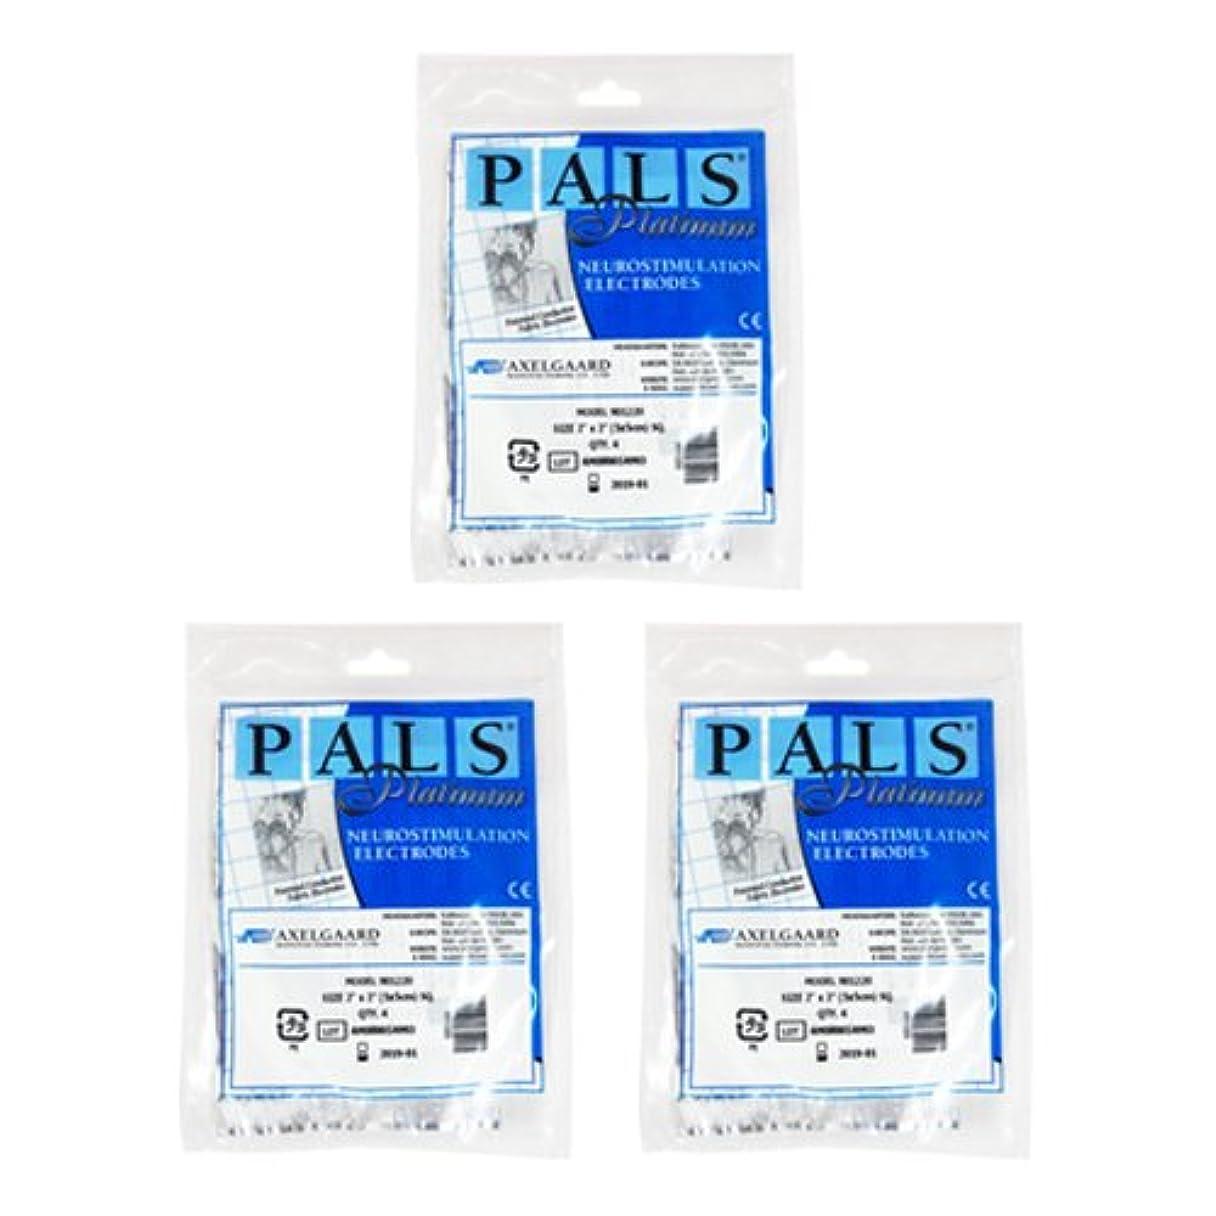 漏斗ショッピングセンターカーフ敏感肌用アクセルガード ブルー Mサイズ × 3セット 【EMS用粘着パッド】